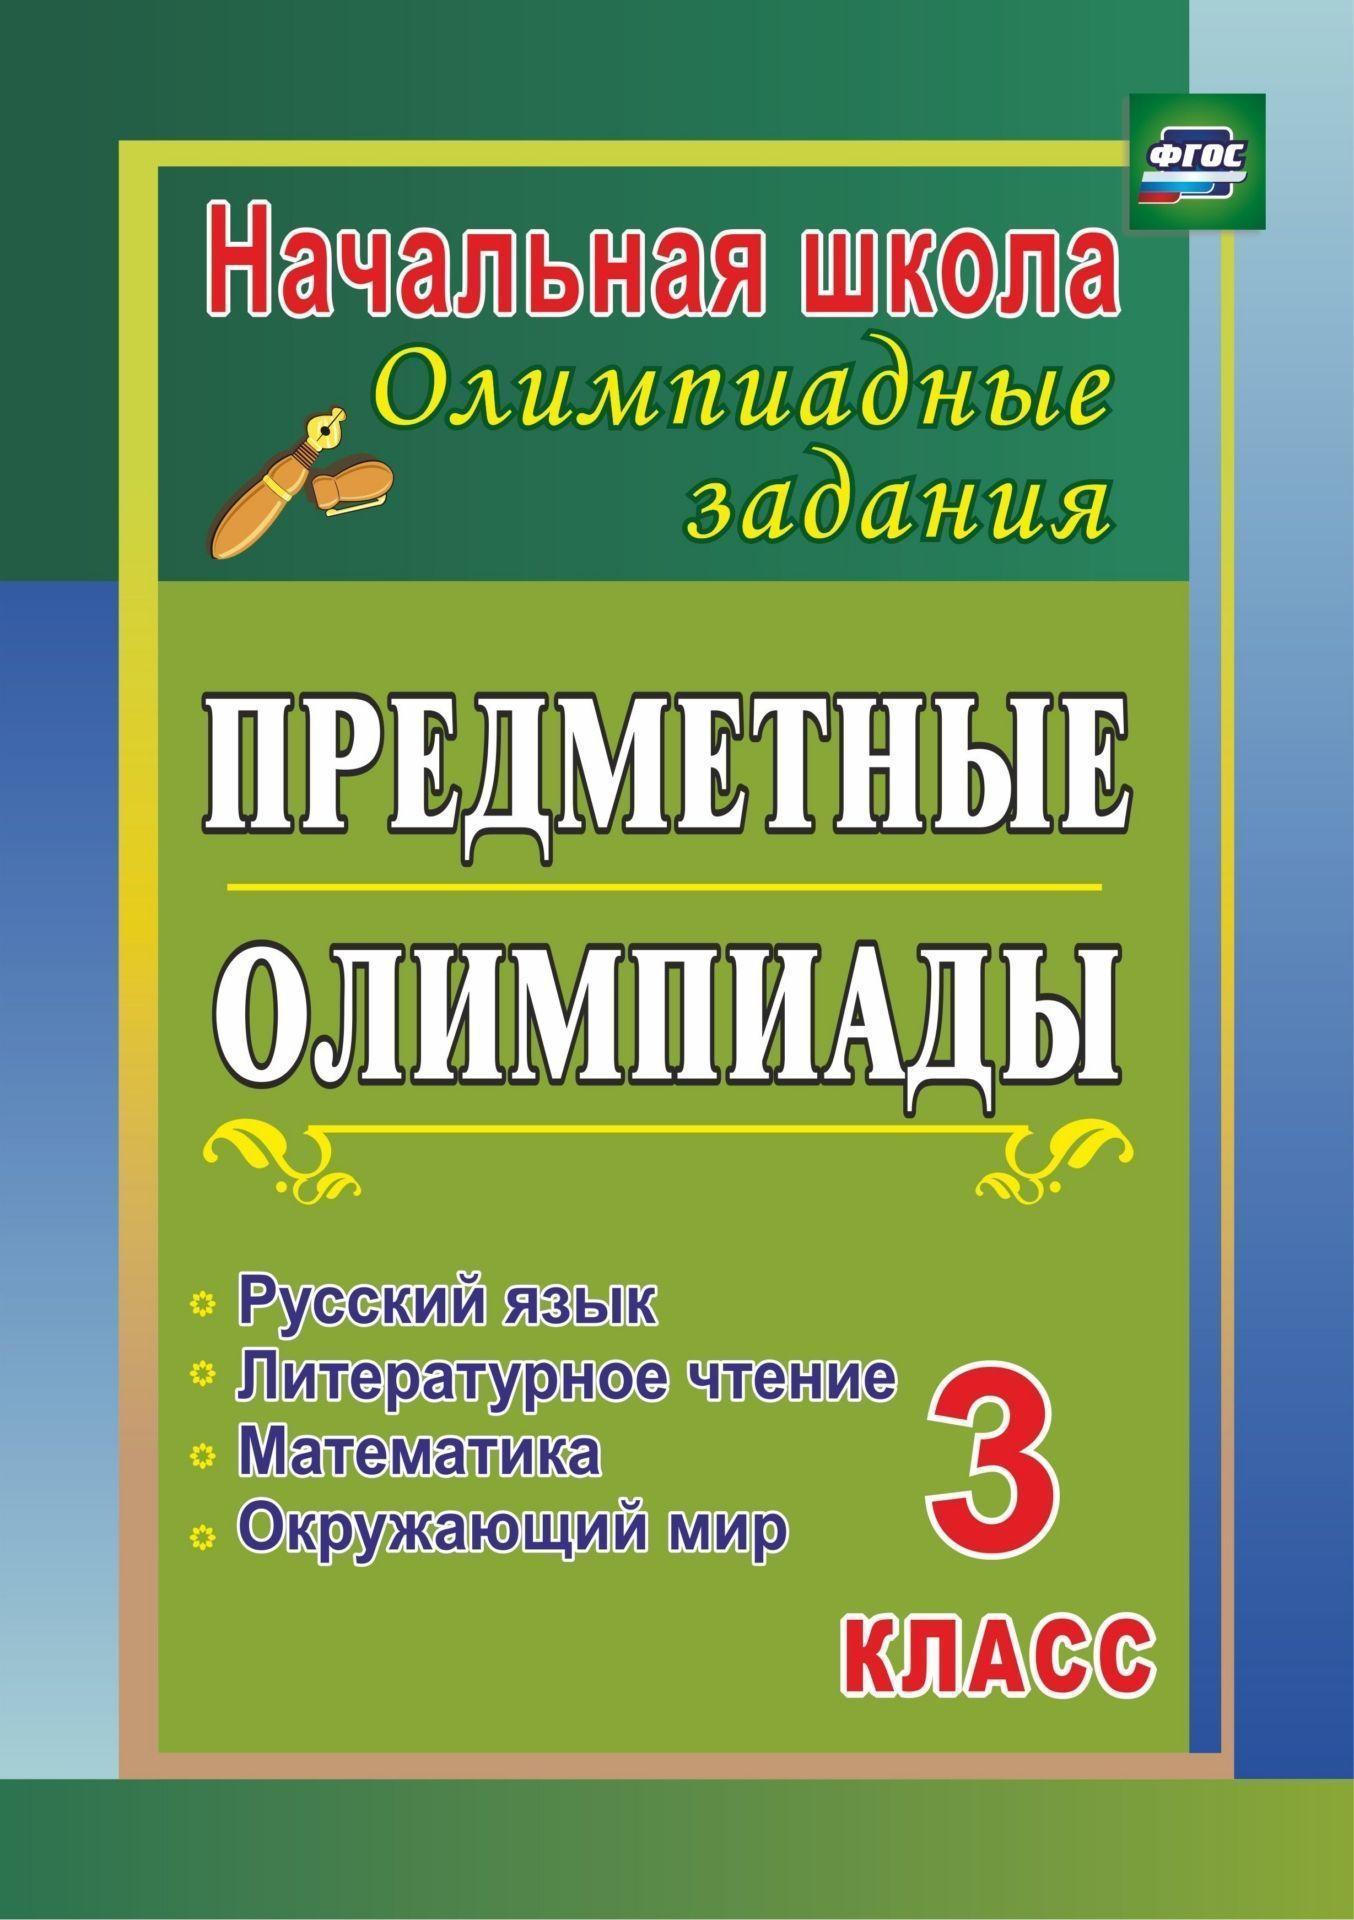 Предметные олимпиады. 3 класс. Русский язык, математика, литературное чтение, окружающий мирПредметы<br>Представленные в пособии олимпиадные задания по русскому языку, математике, литературному чтению, окружающему миру с ответами для учащихся 3 класса помогут педагогунаучить младших школьников использовать общеучебные, логические и познавательные универсаль...<br><br>Авторы: Бауэр И. Е.<br>Год: 2017<br>Серия: Начальная школа<br>ISBN: 978-5-7057-3824-3<br>Высота: 285<br>Ширина: 203<br>Толщина: 2<br>Переплёт: мягкая, скрепка